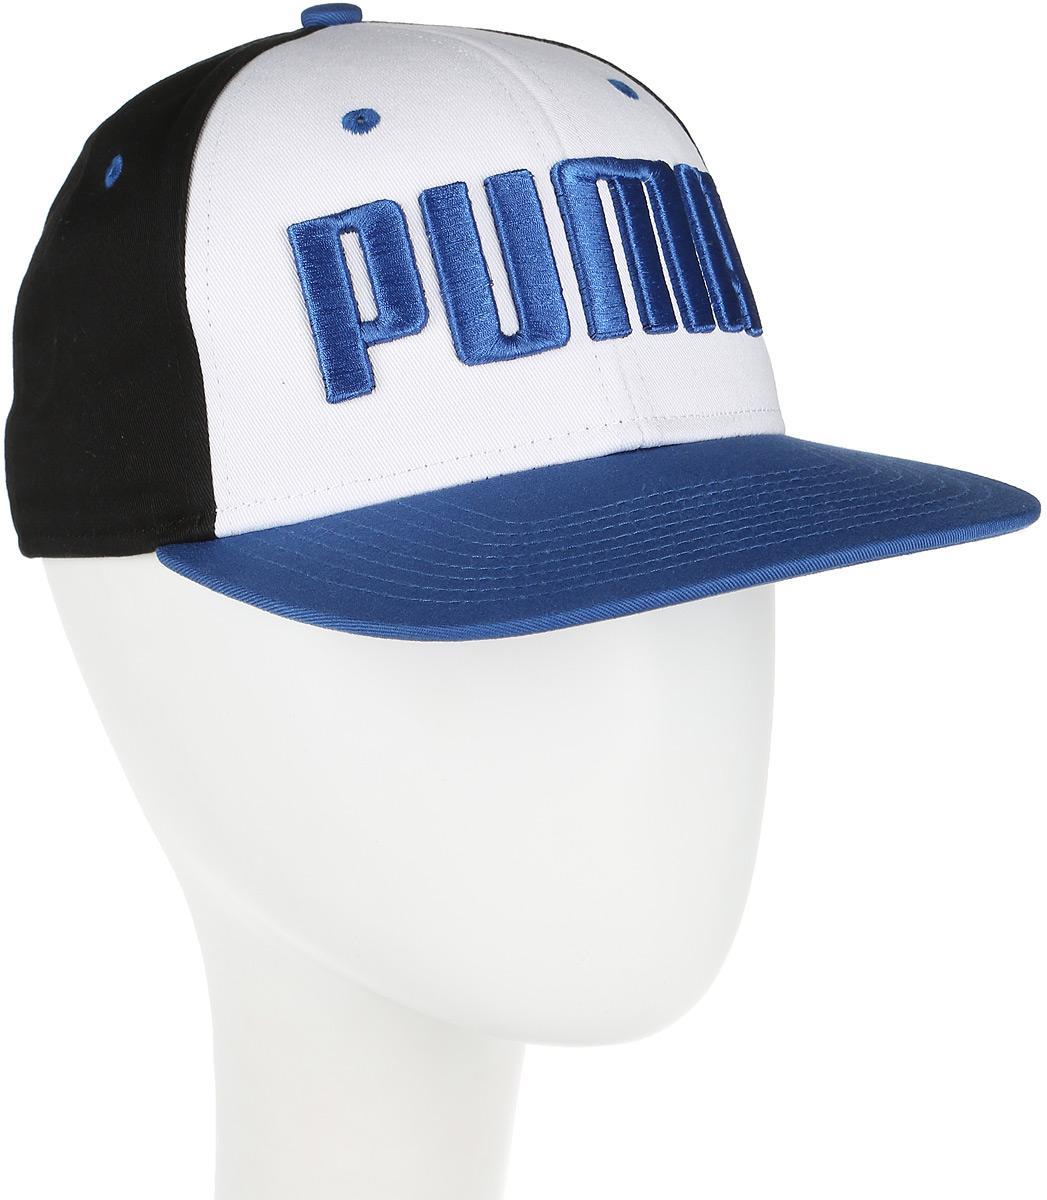 Бейсболка Puma ESS Flatbrim Cap, цвет: черный, белый, синий. 052921_08. Размер универсальный052921_08Бейсболка ESS Flatbrim Cap с модным плоским козырьком станет стильной деталью вашего гардероба. Модель выполнена из натурального хлопка, который обеспечивает максимальный комфорт в носке. Вентиляция обеспечивается специальными вышитыми люверсами на всей поверхности бейсболки. Сзади имеется пластиковая застежка для регулировки размера. Изделие дополнено вышитым 3D-логотипом PUMA спереди и вышитым логотипом PUMA сзади. Создавайте яркие спортивные городские образы активного современного человека при помощи аксессуаров от Puma.